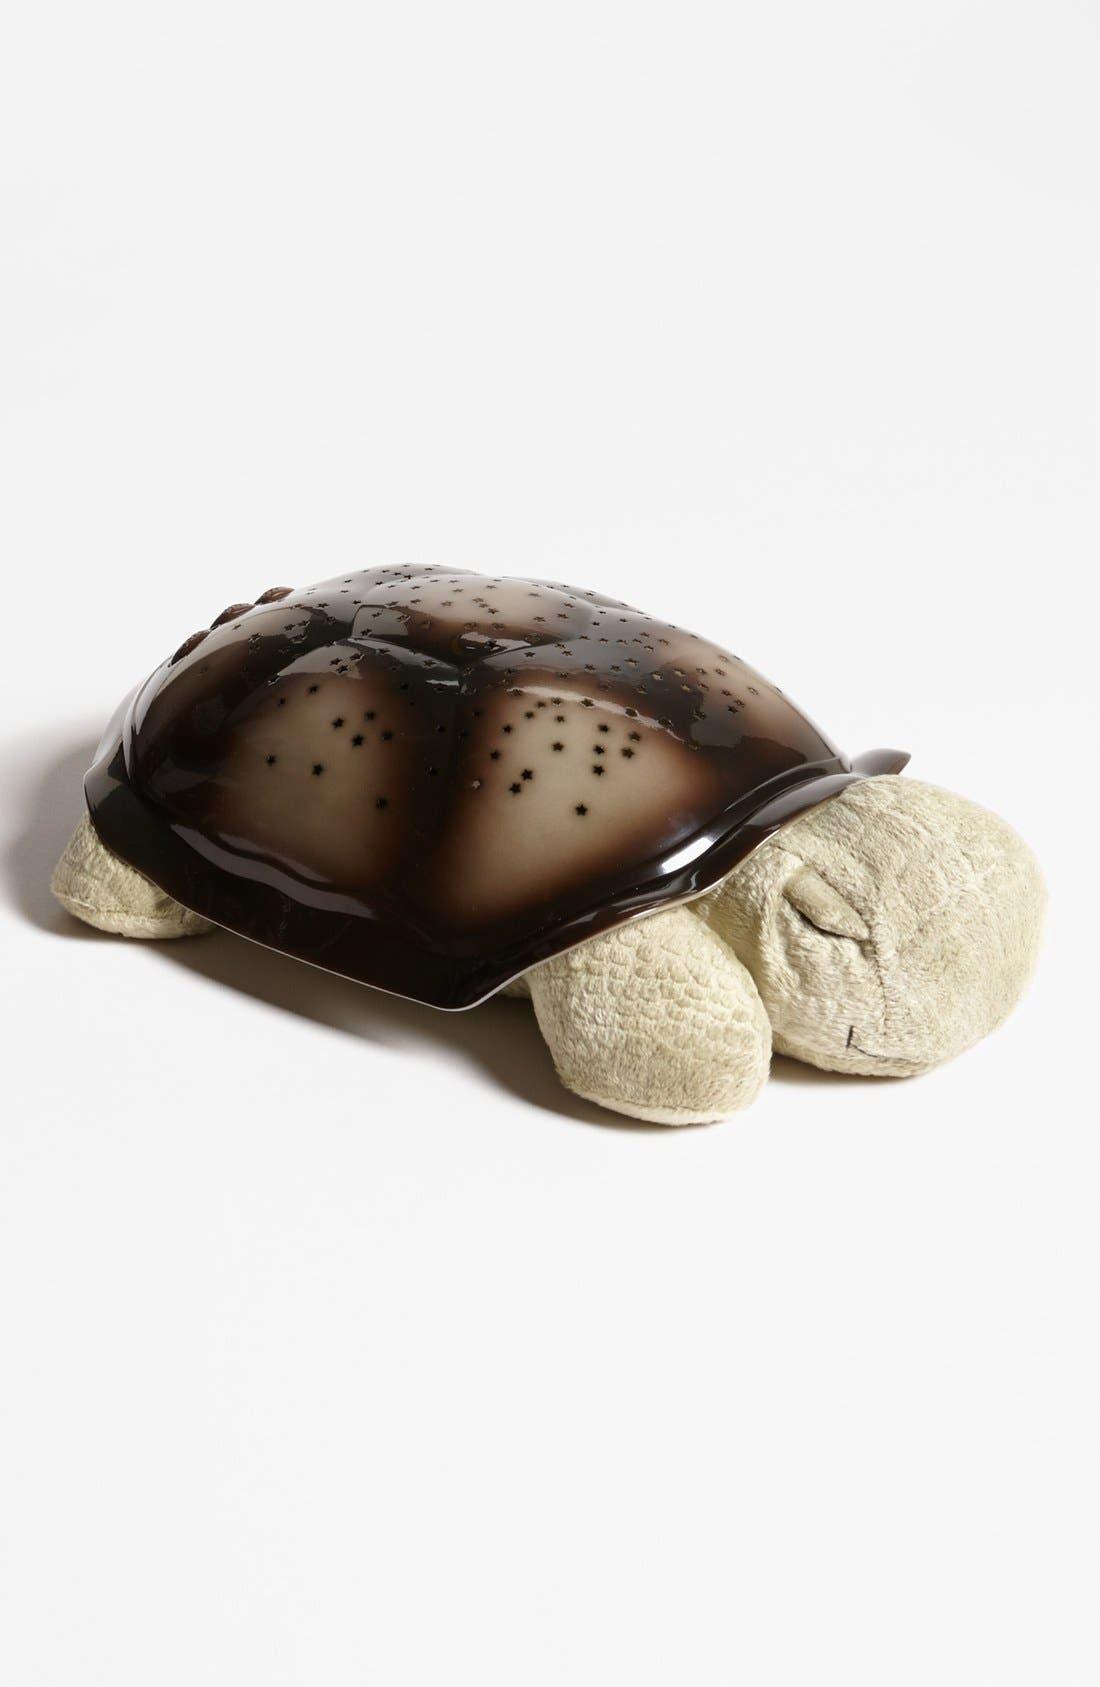 Alternate Image 1 Selected - Cloud B 'Twilight' Stuffed Turtle Night Light